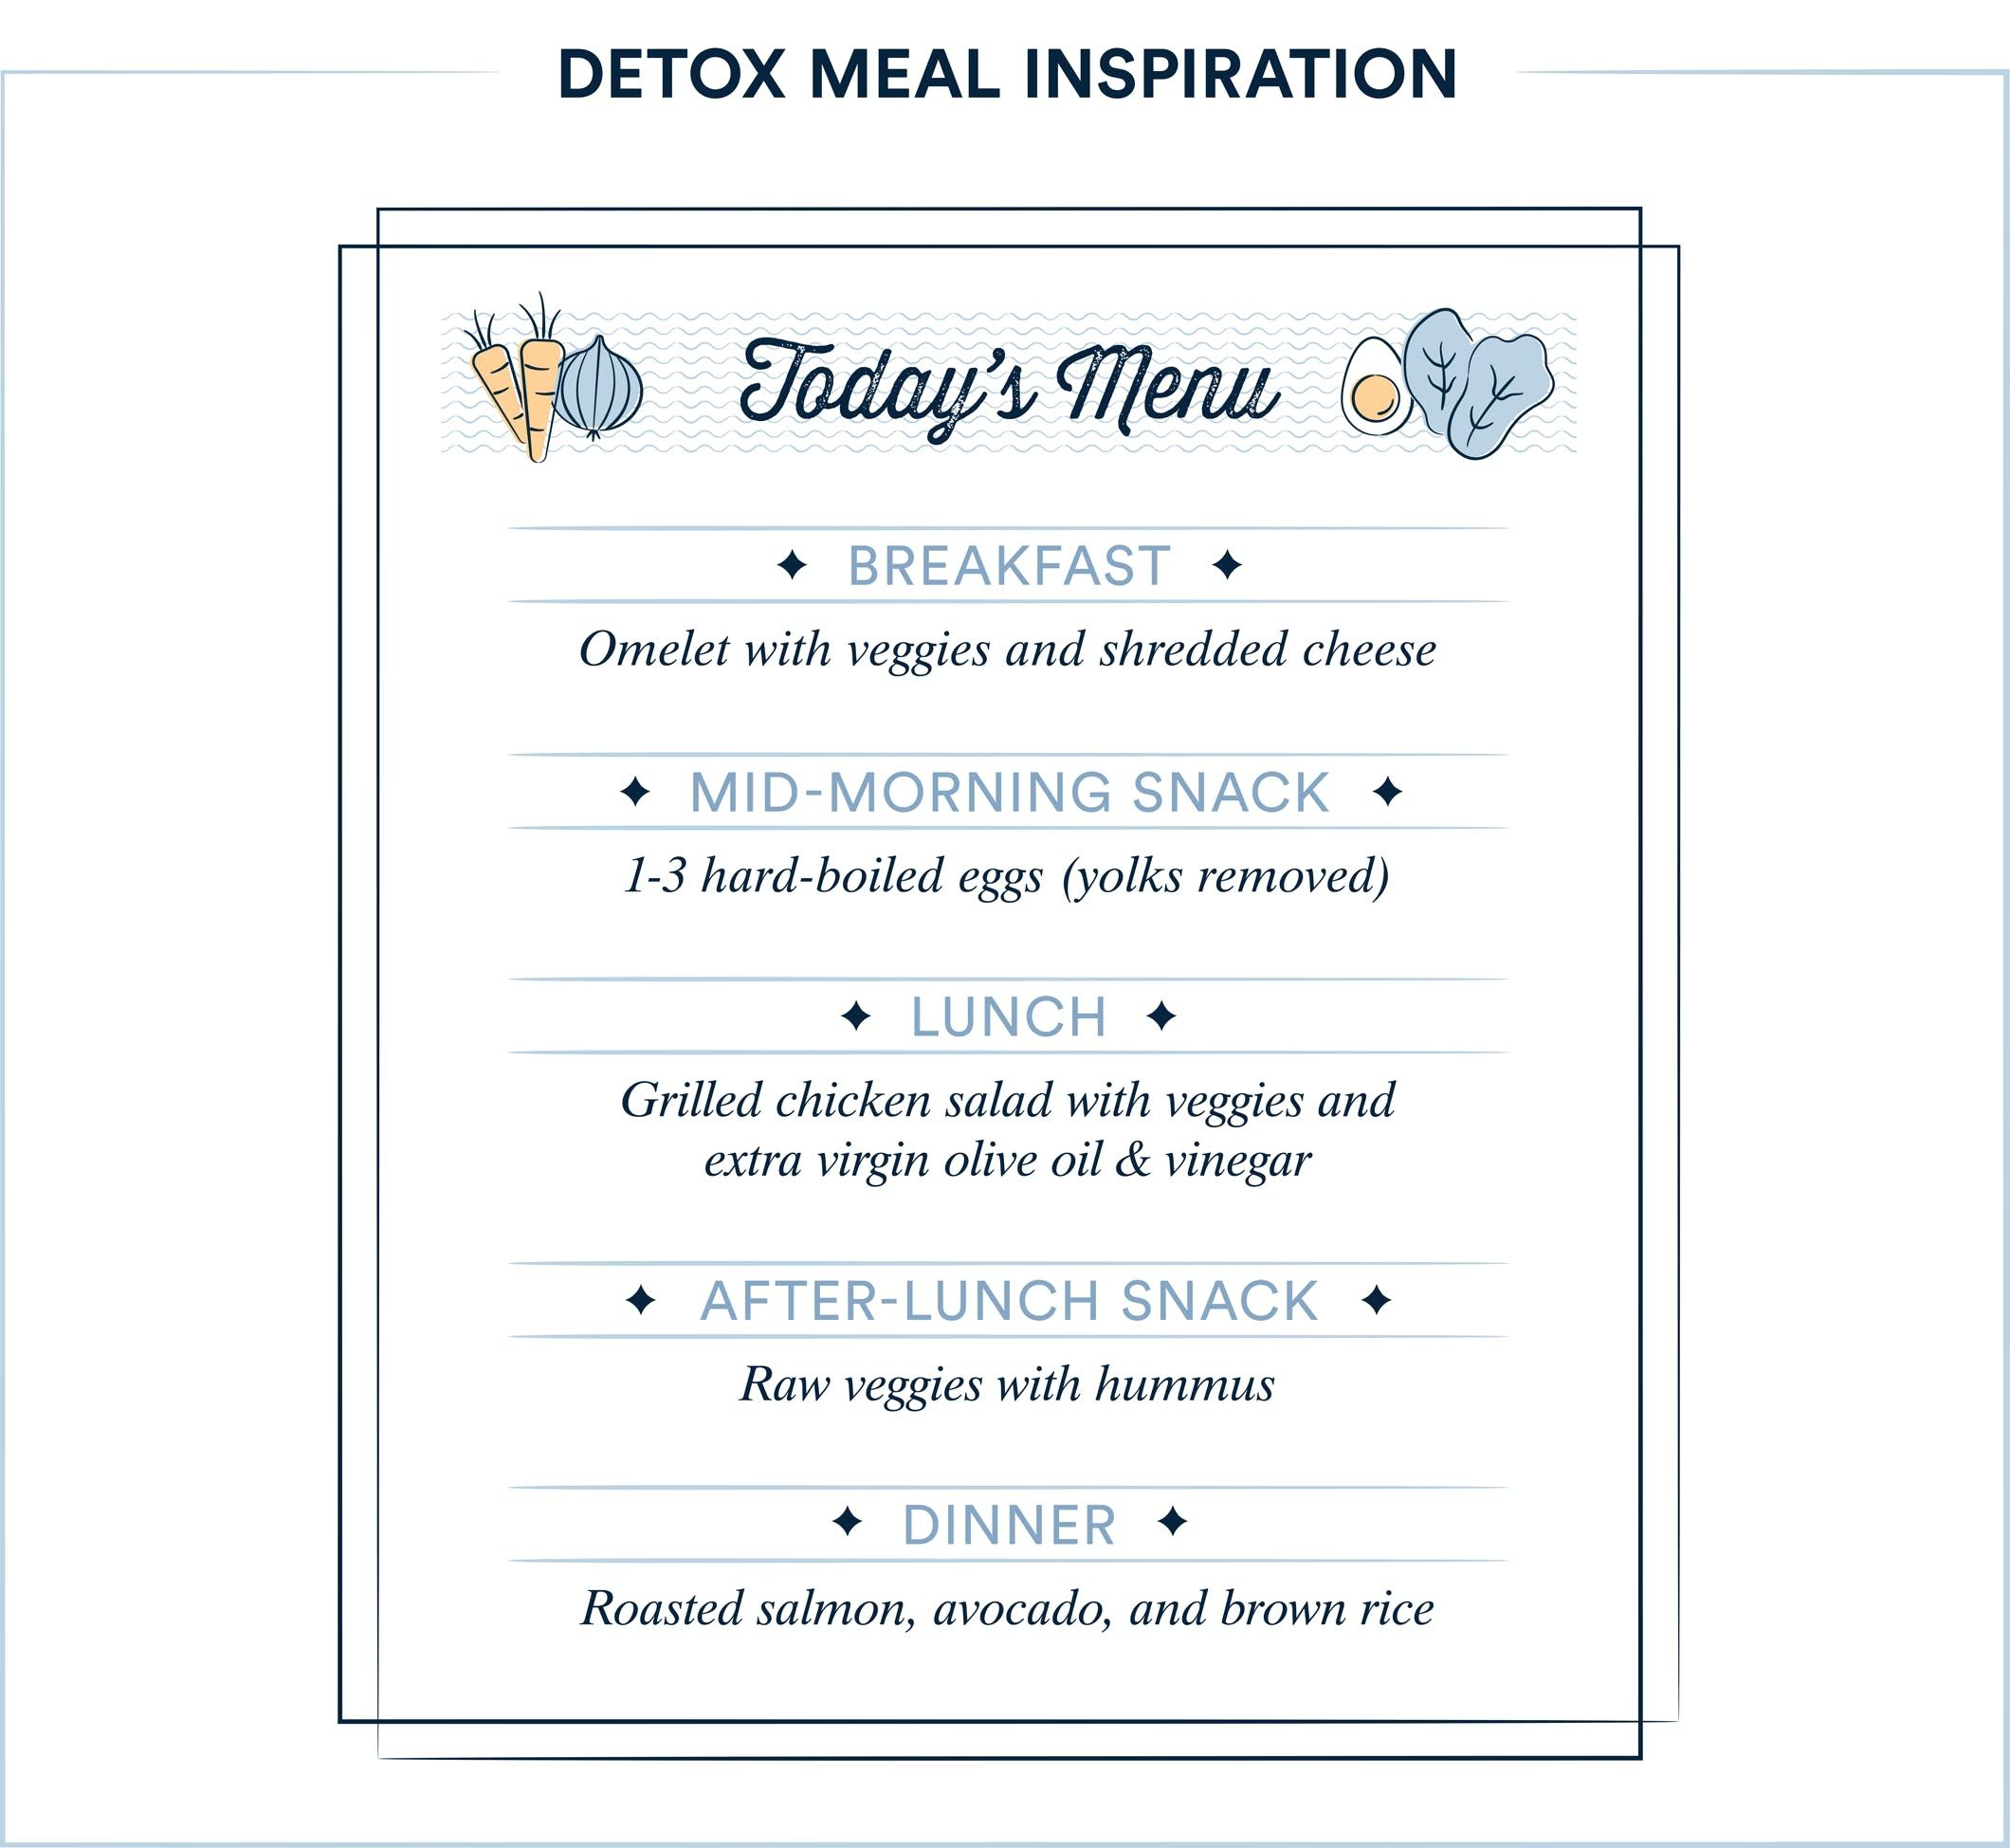 detox meal inspiration